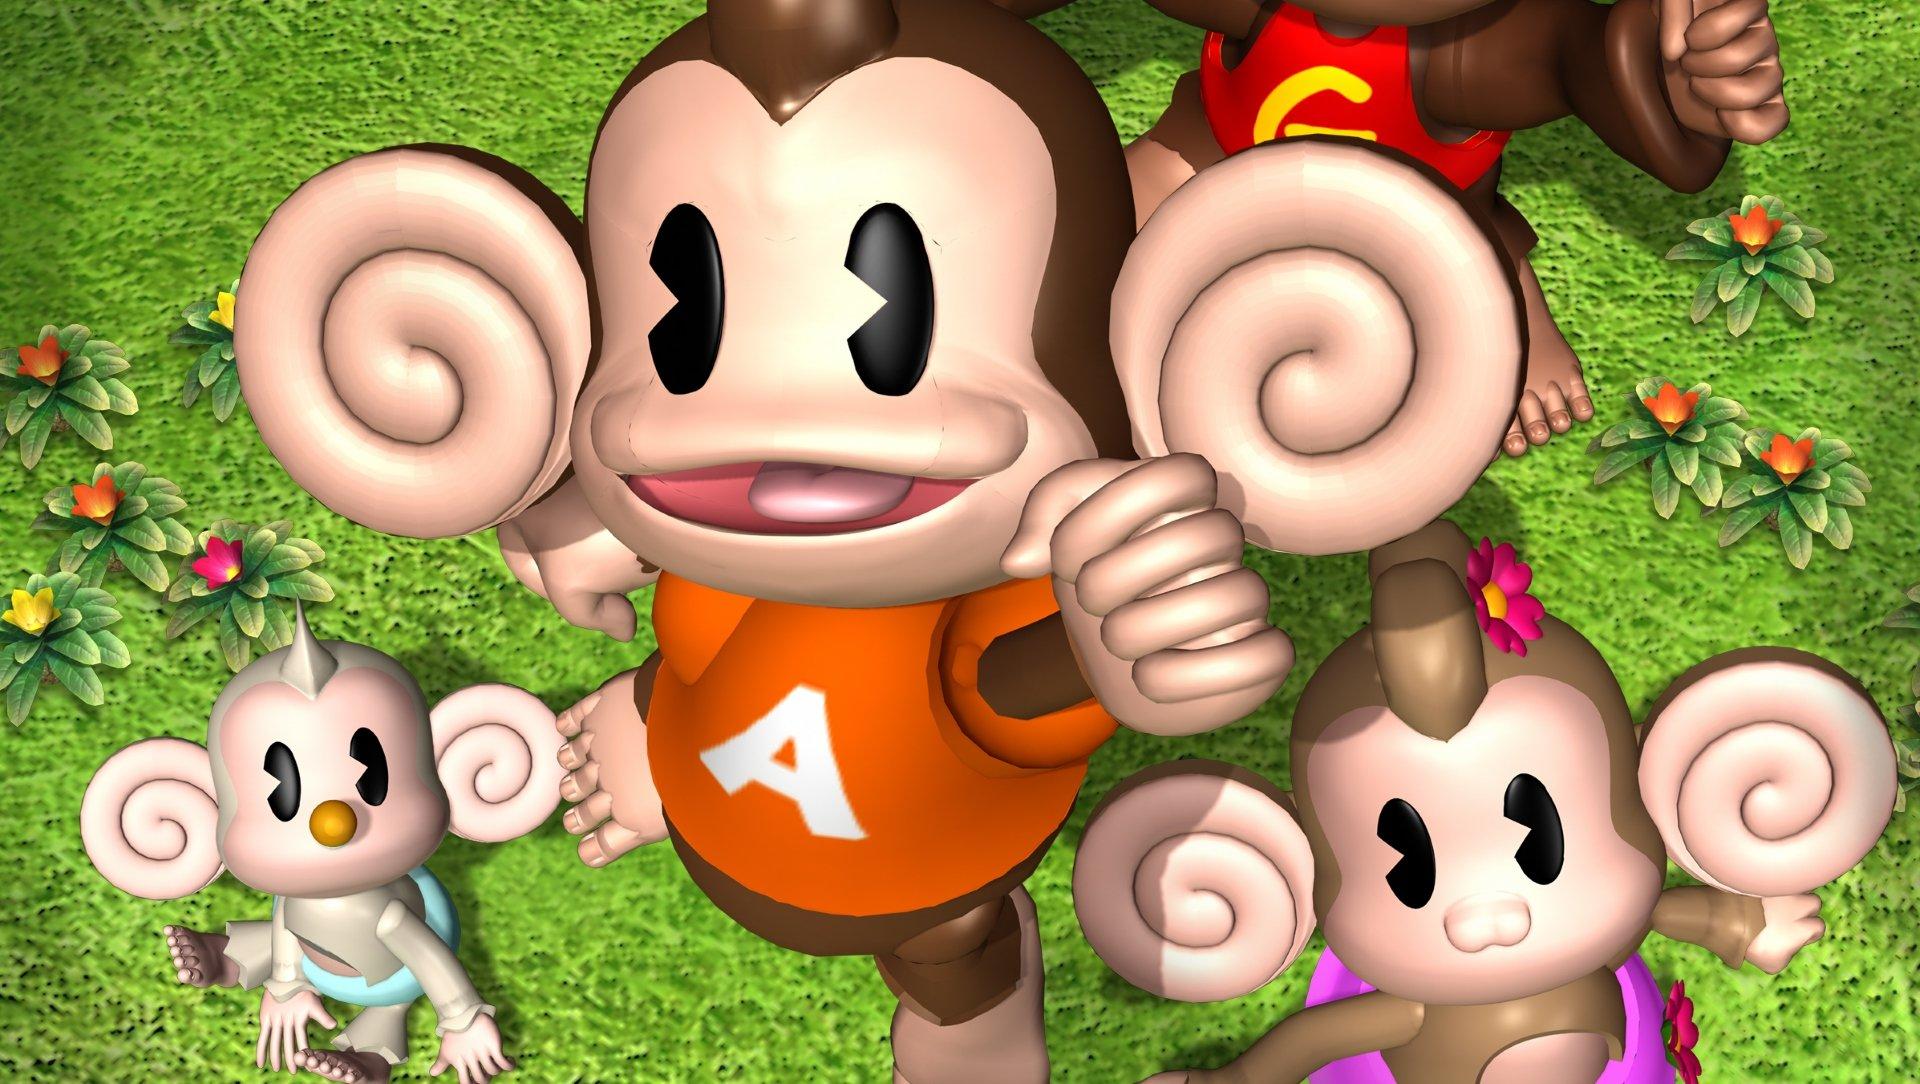 Un nouveau jeu de Super Monkey Ball pourrait être disponible sur Switch, PS4 et PC.